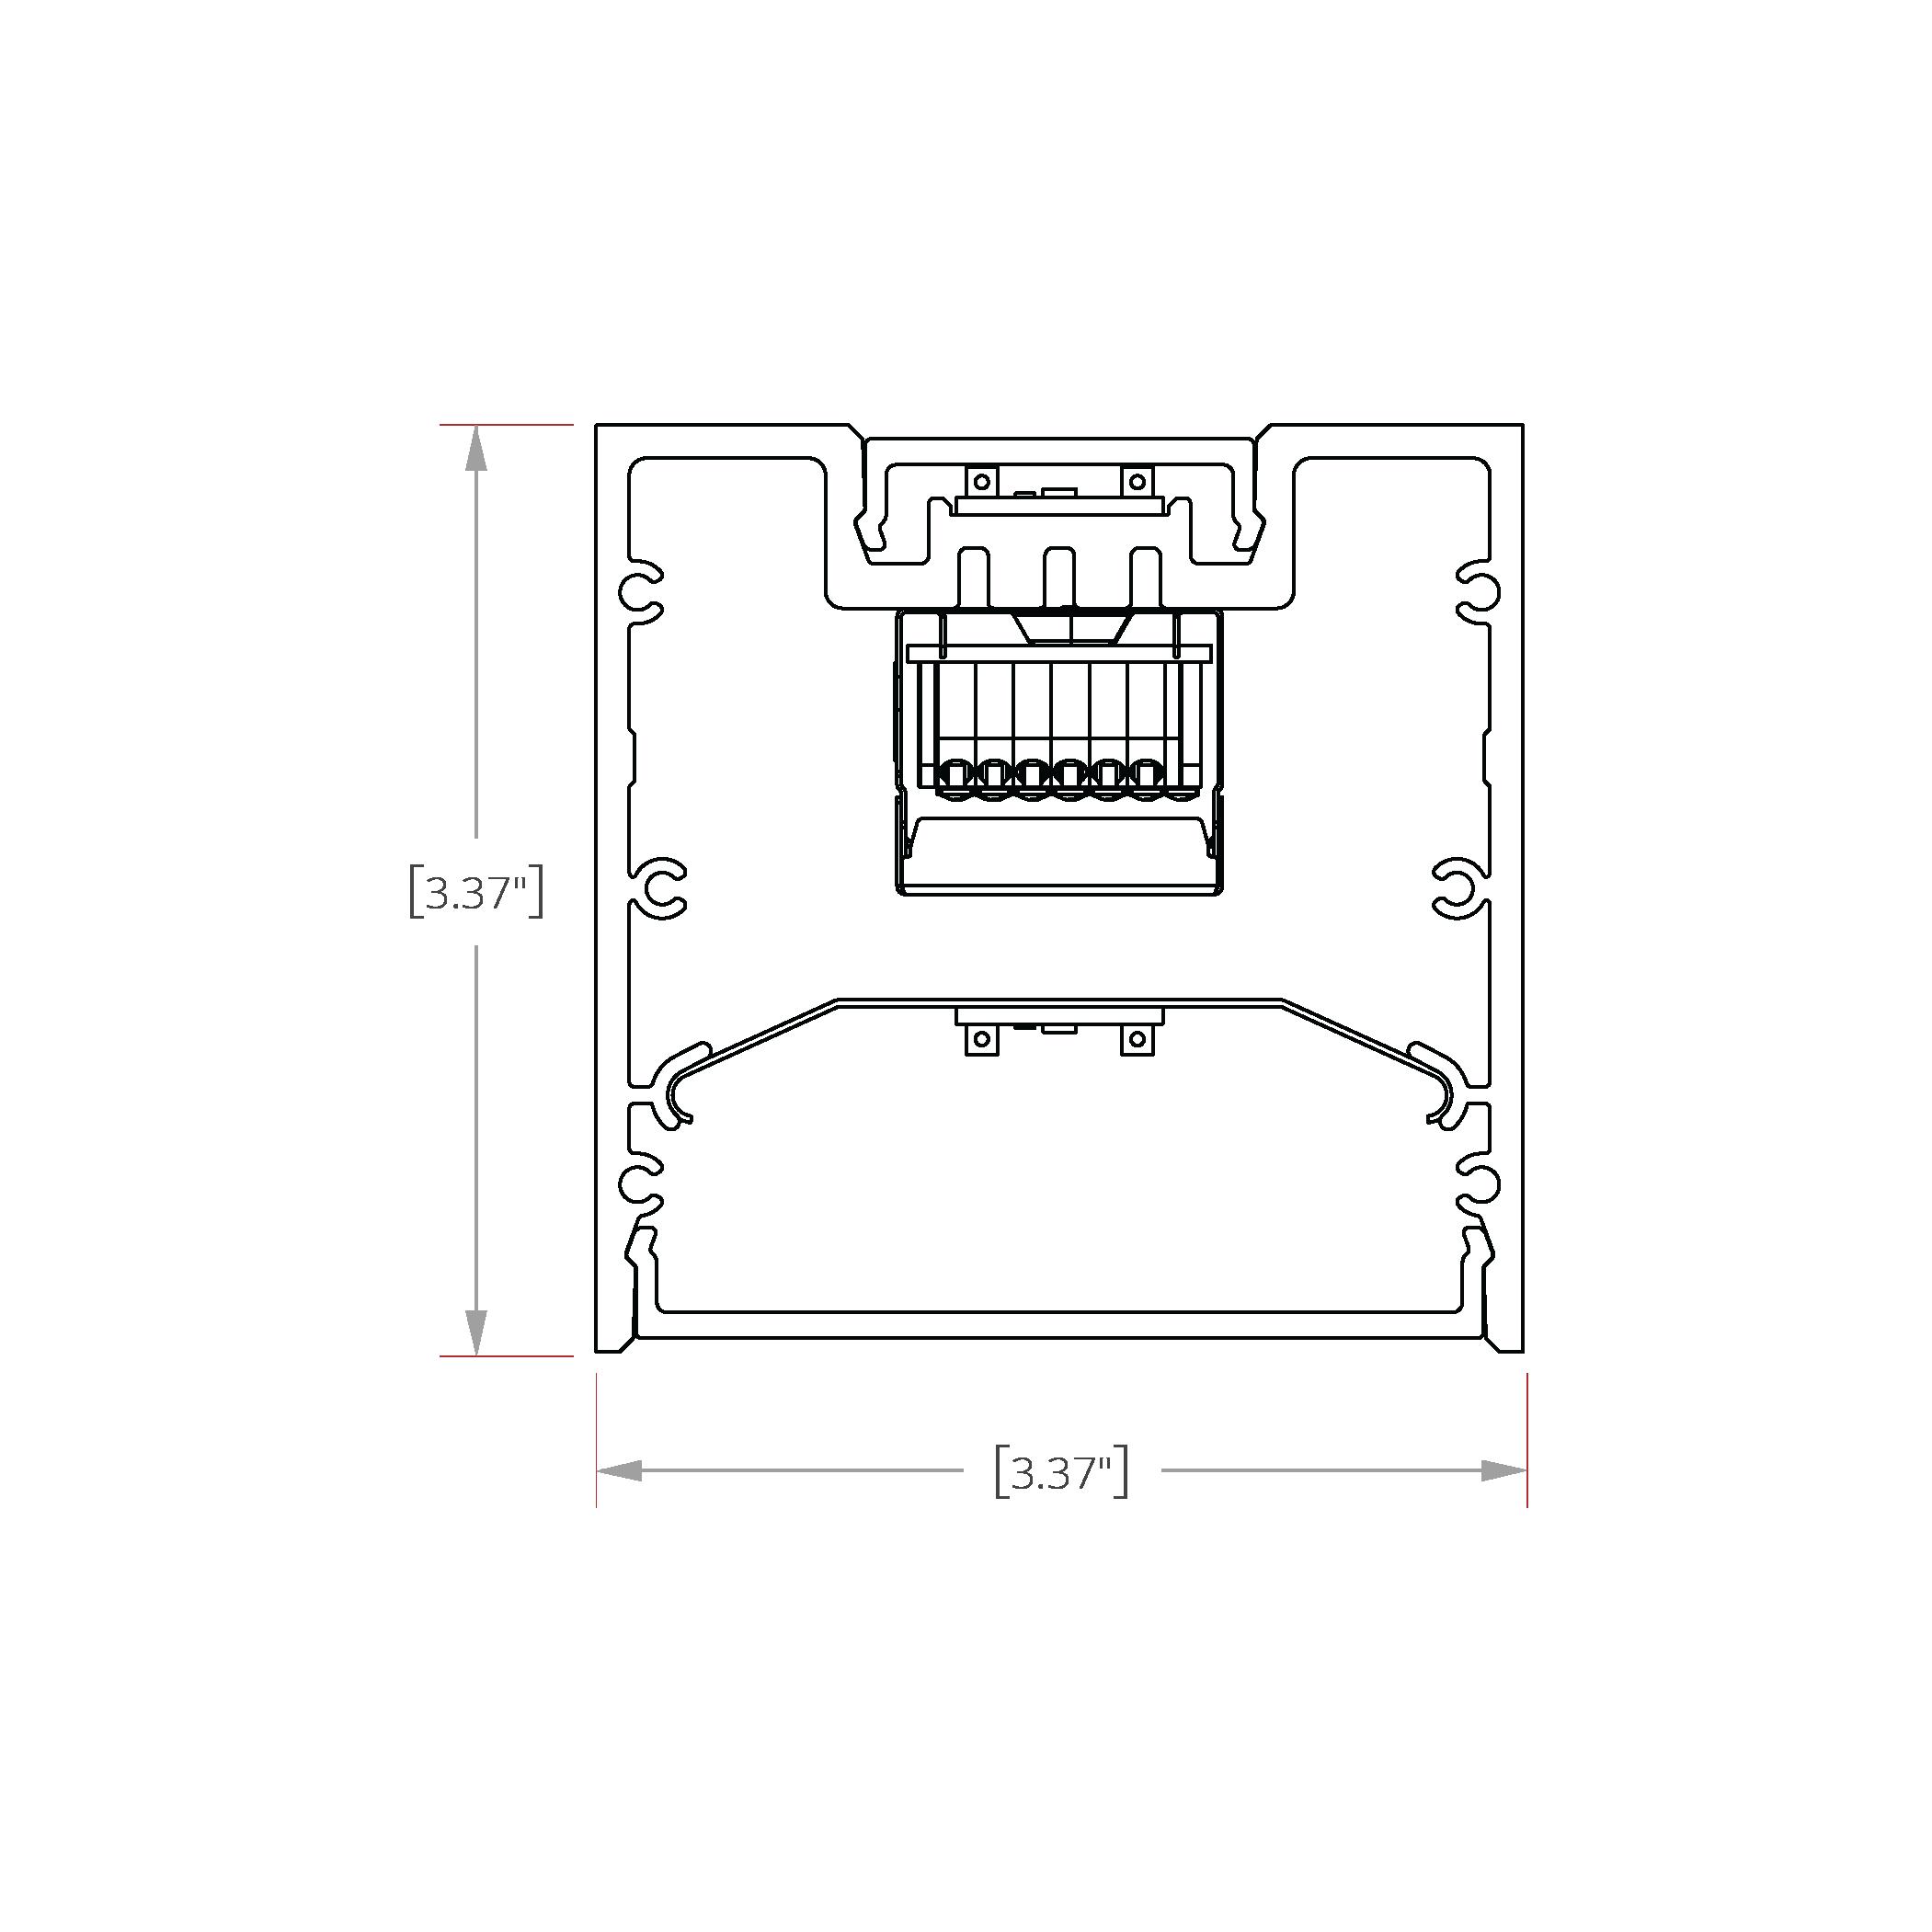 Neodymium 3 Line Drawing